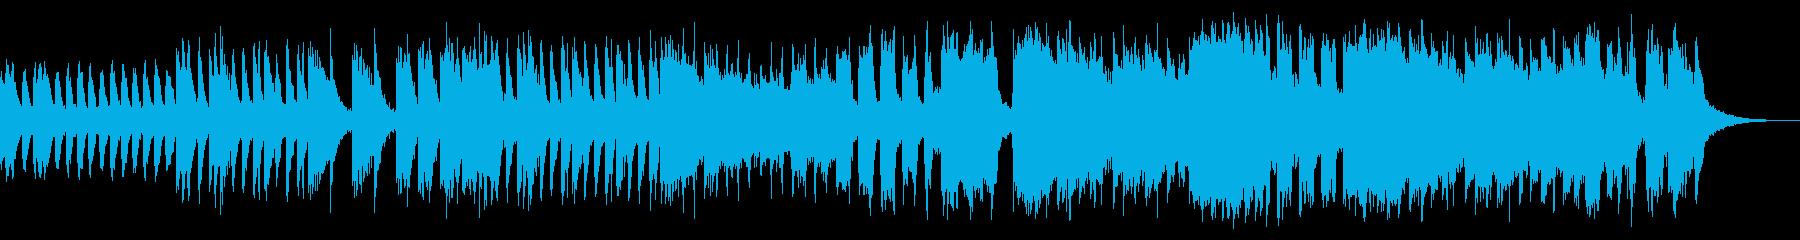 オーケストラ ひょうきん RPG風の再生済みの波形